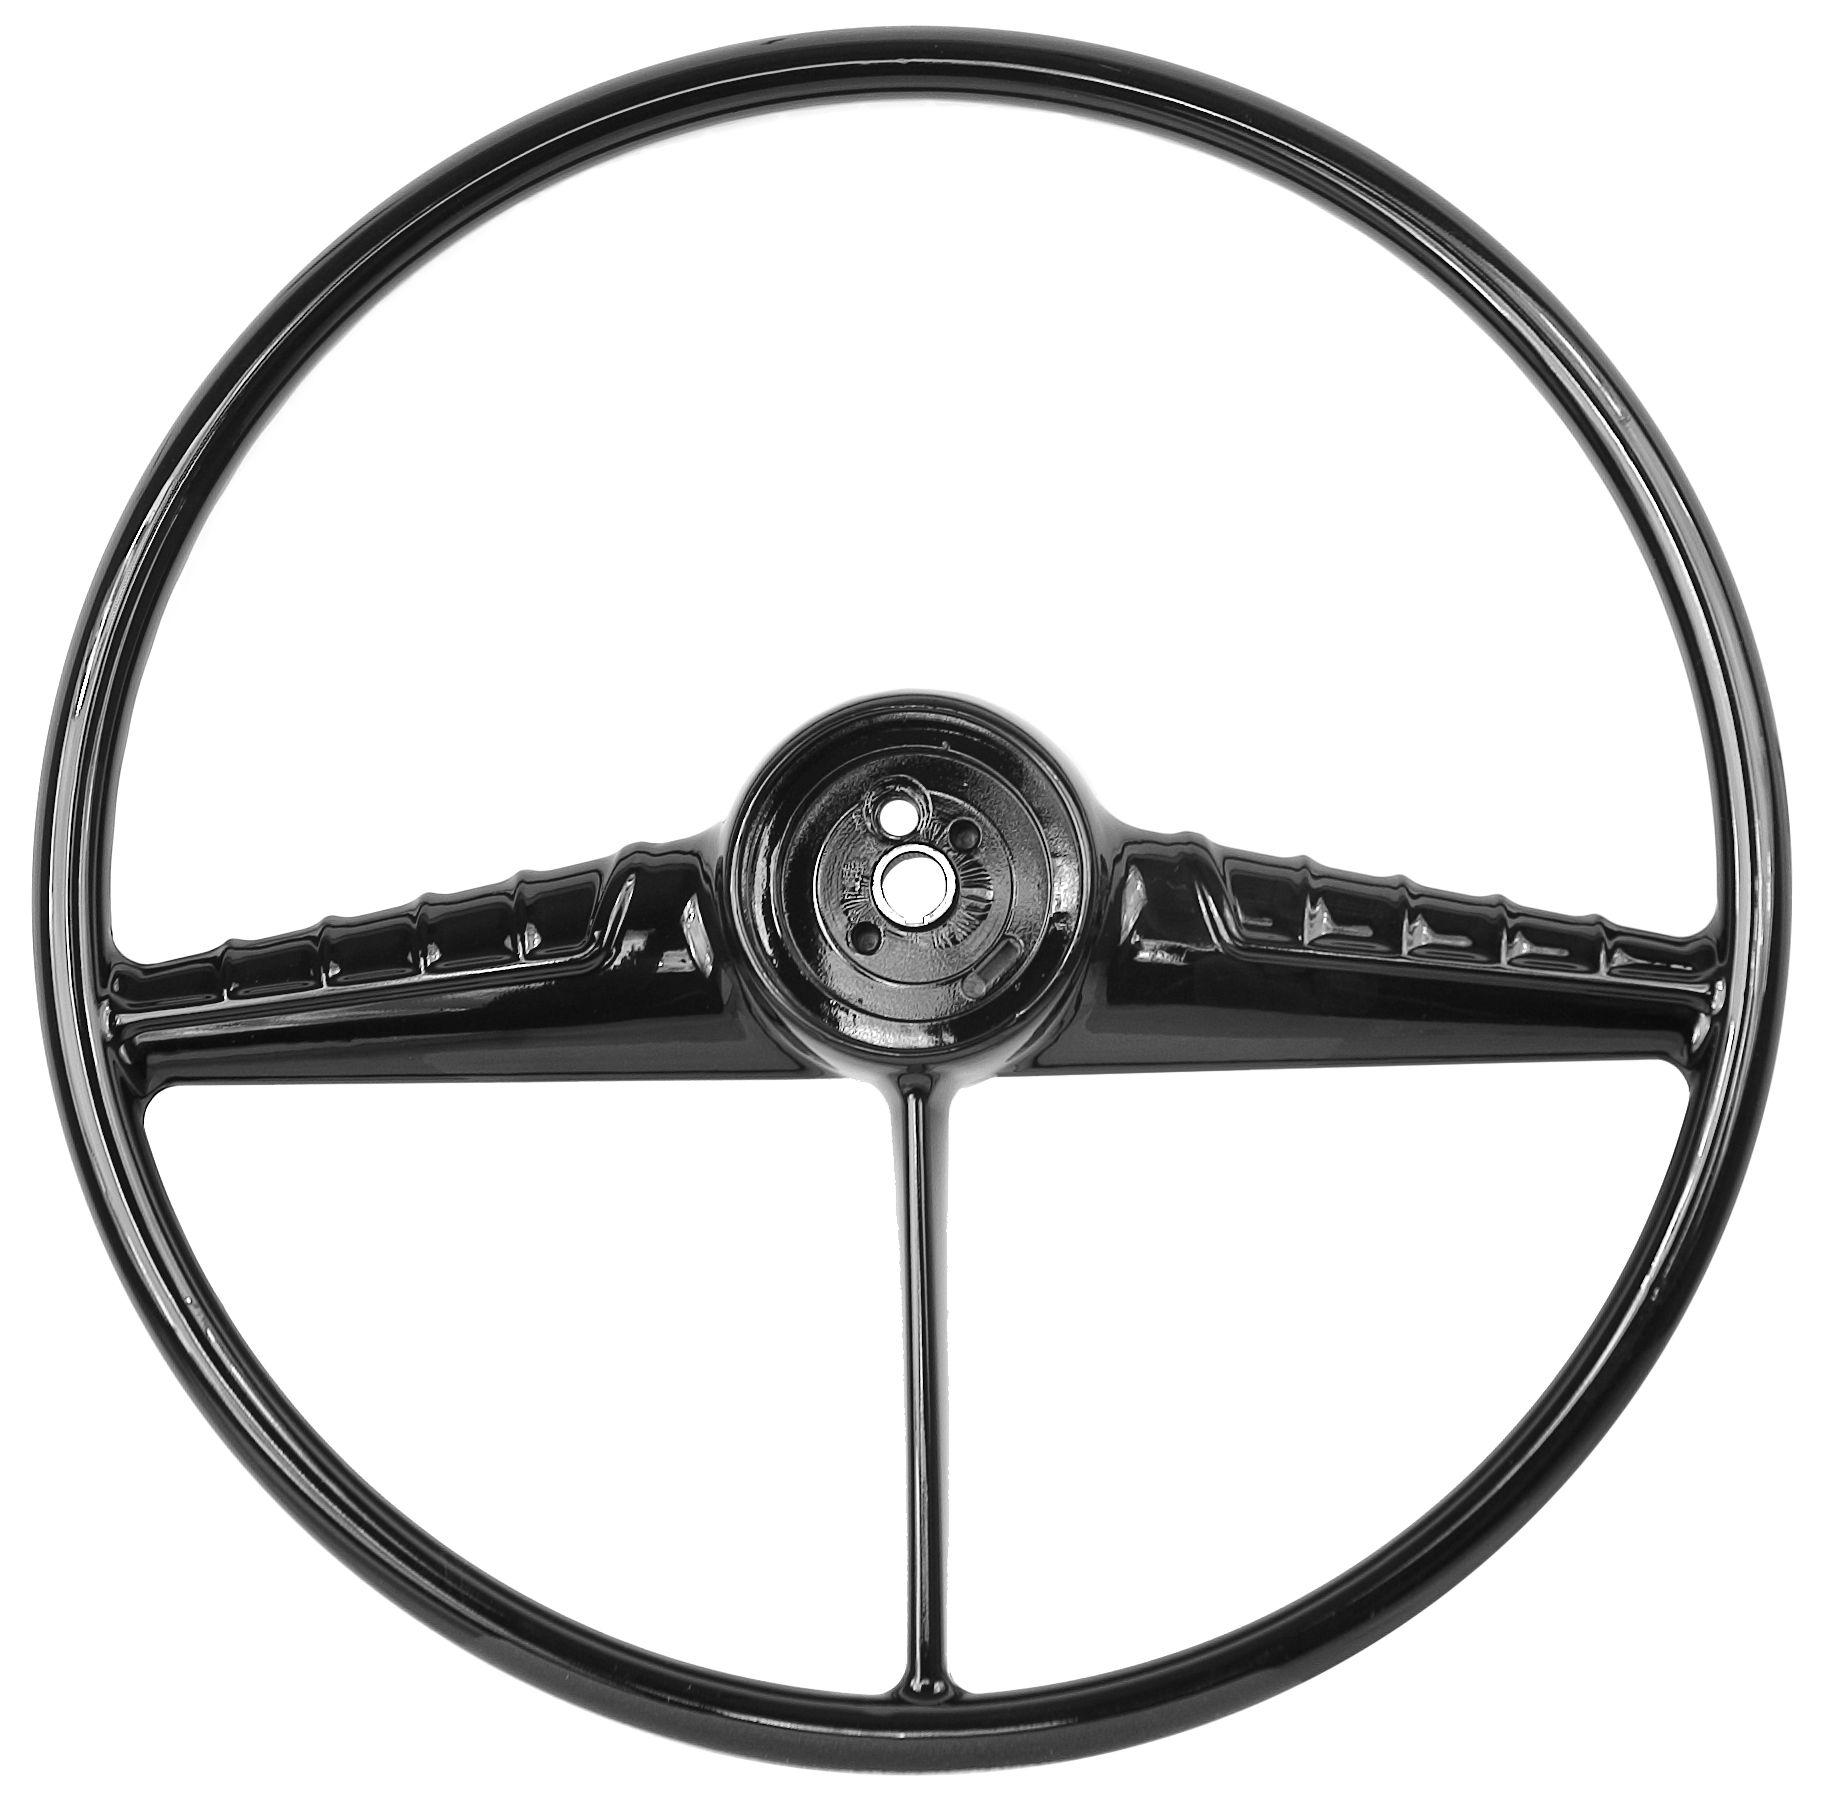 1954-56 GM Truck steering wheel